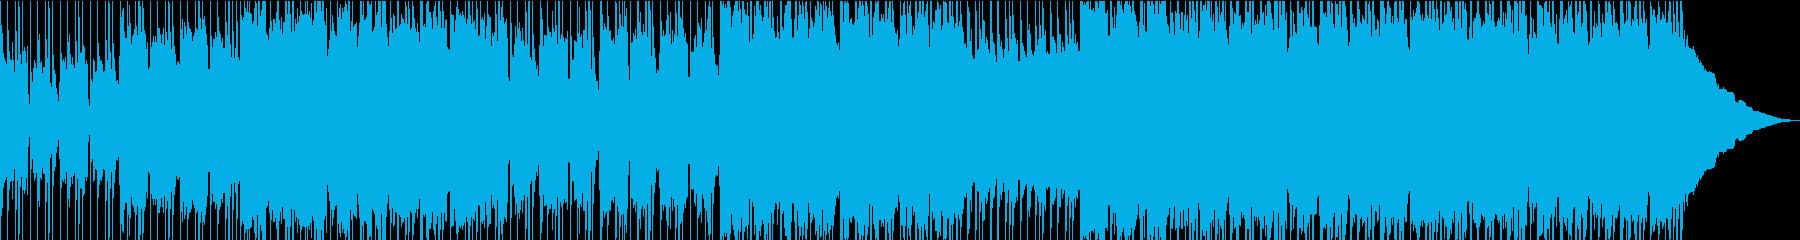 これはコマーシャルサウンドで、刺激的で、の再生済みの波形